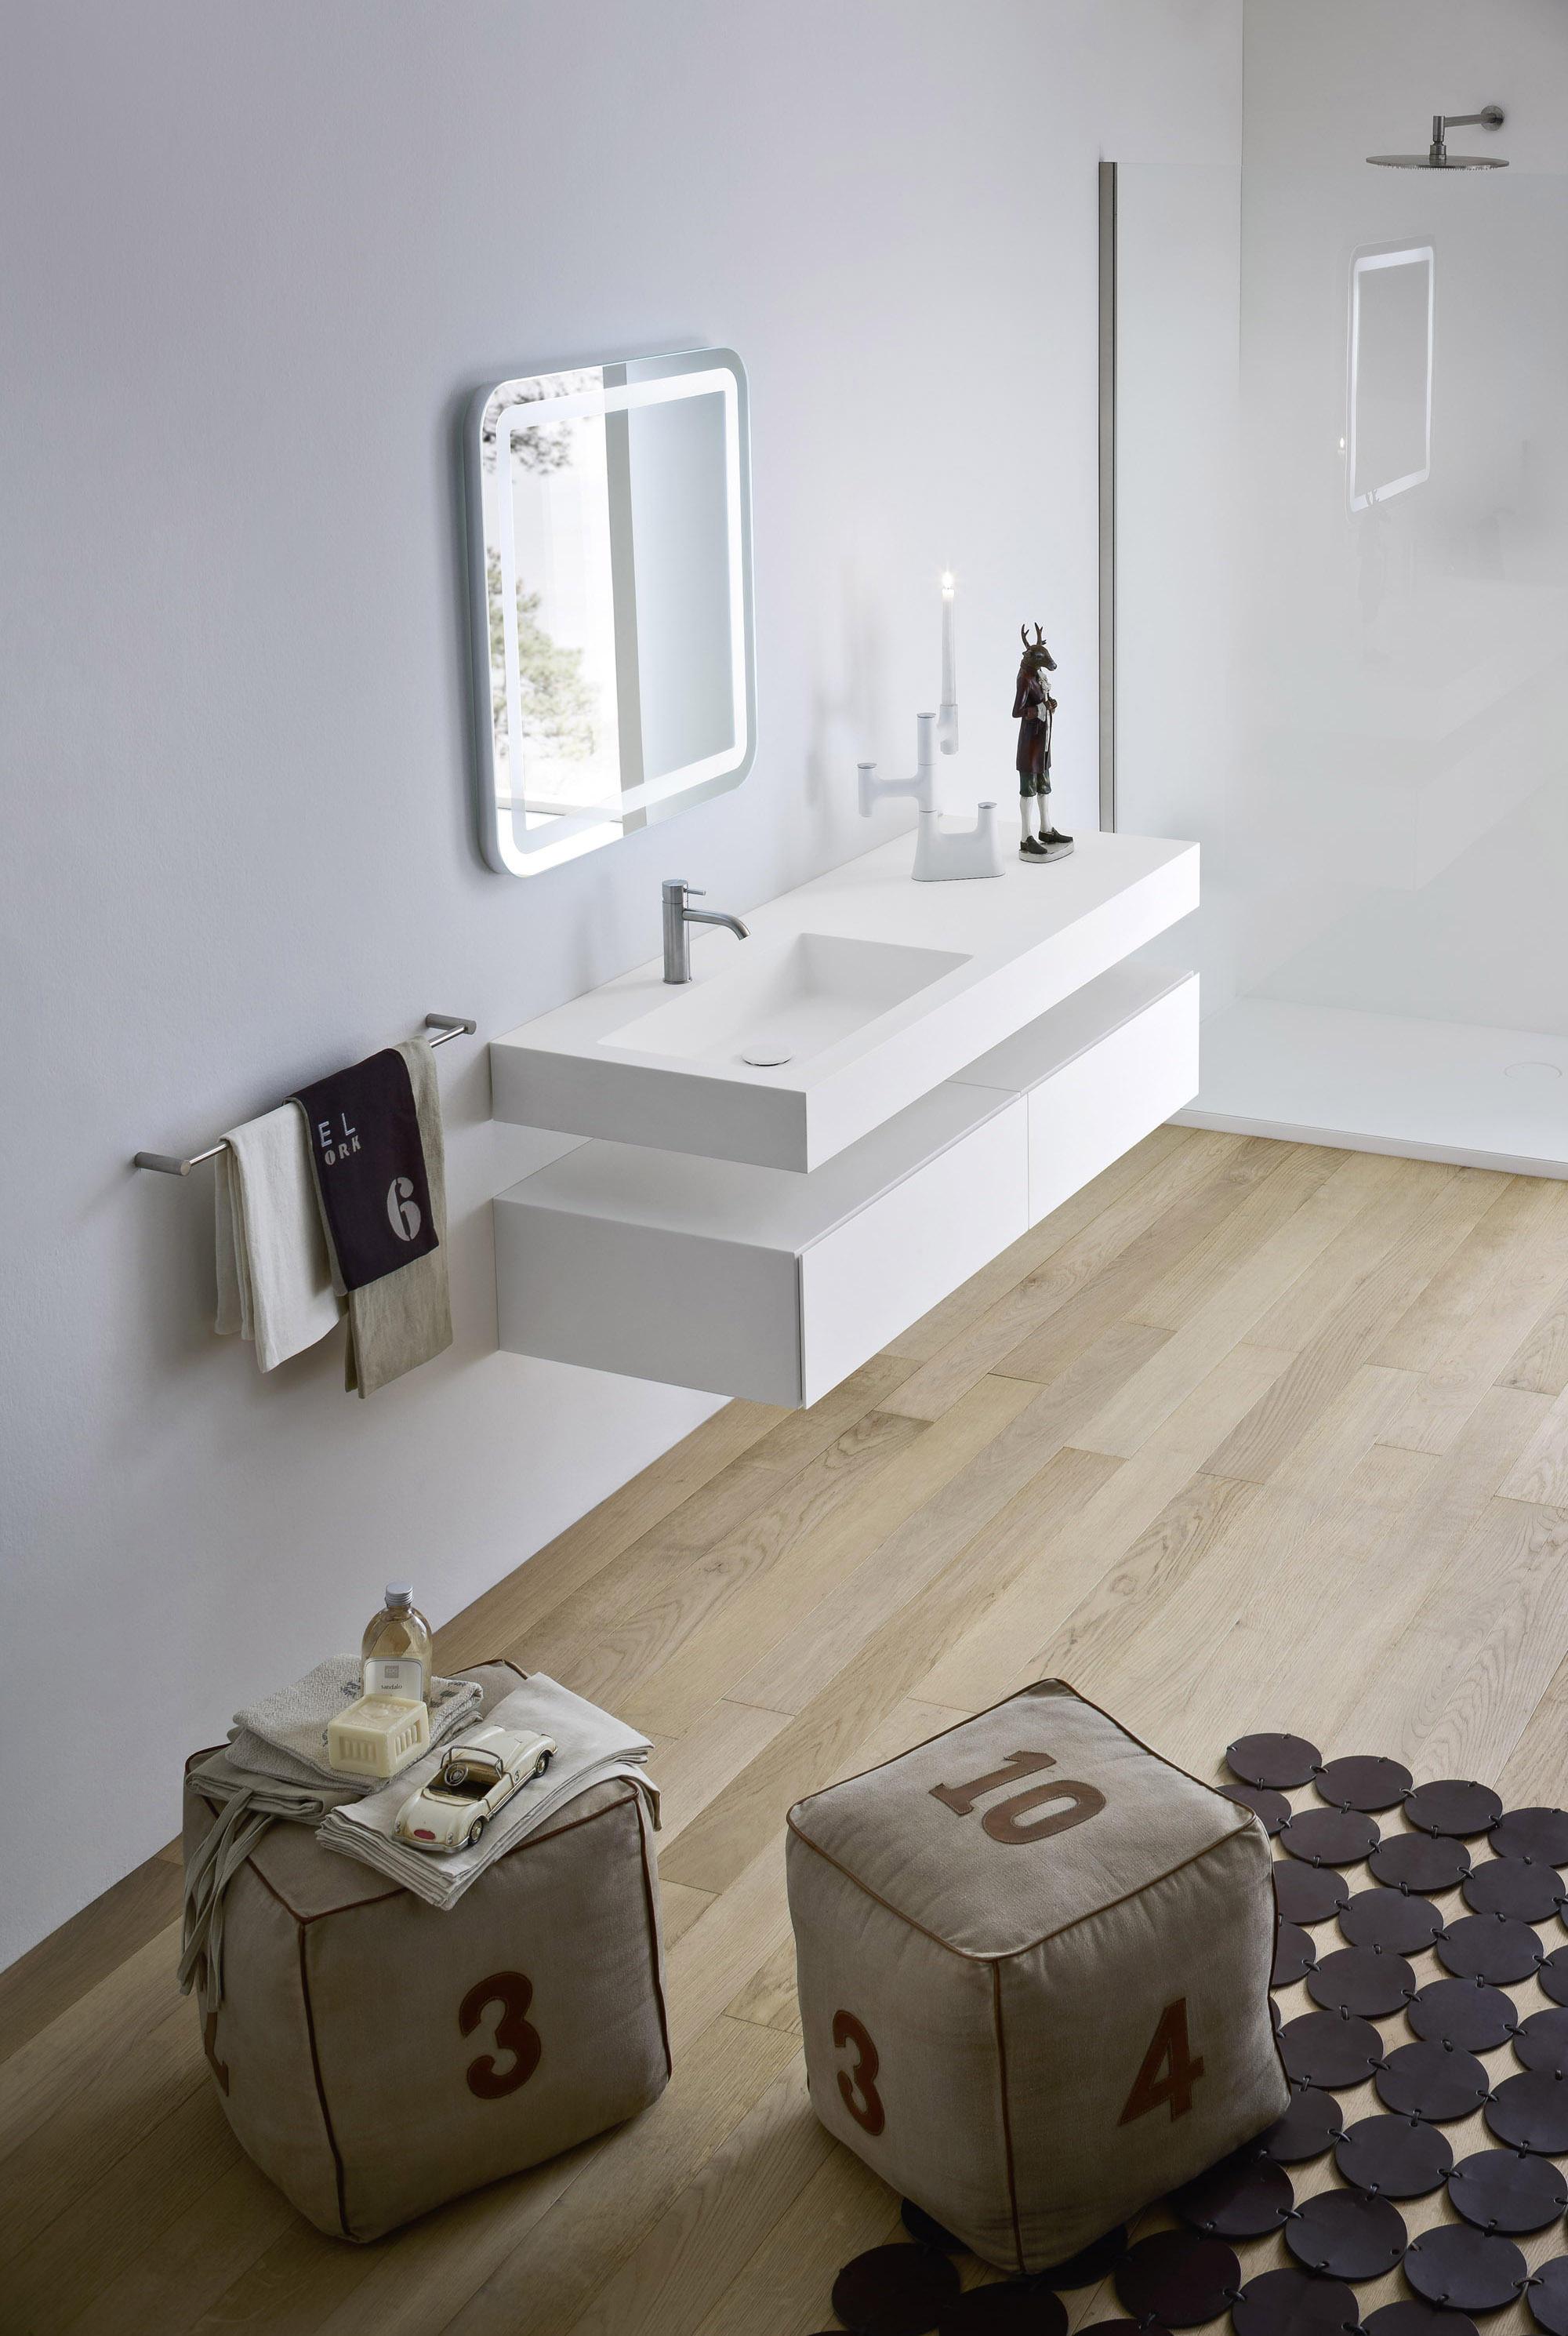 Vasca Doccia Rexa Design.Pulizia Della Casa Piano Con Lavabo Integrato